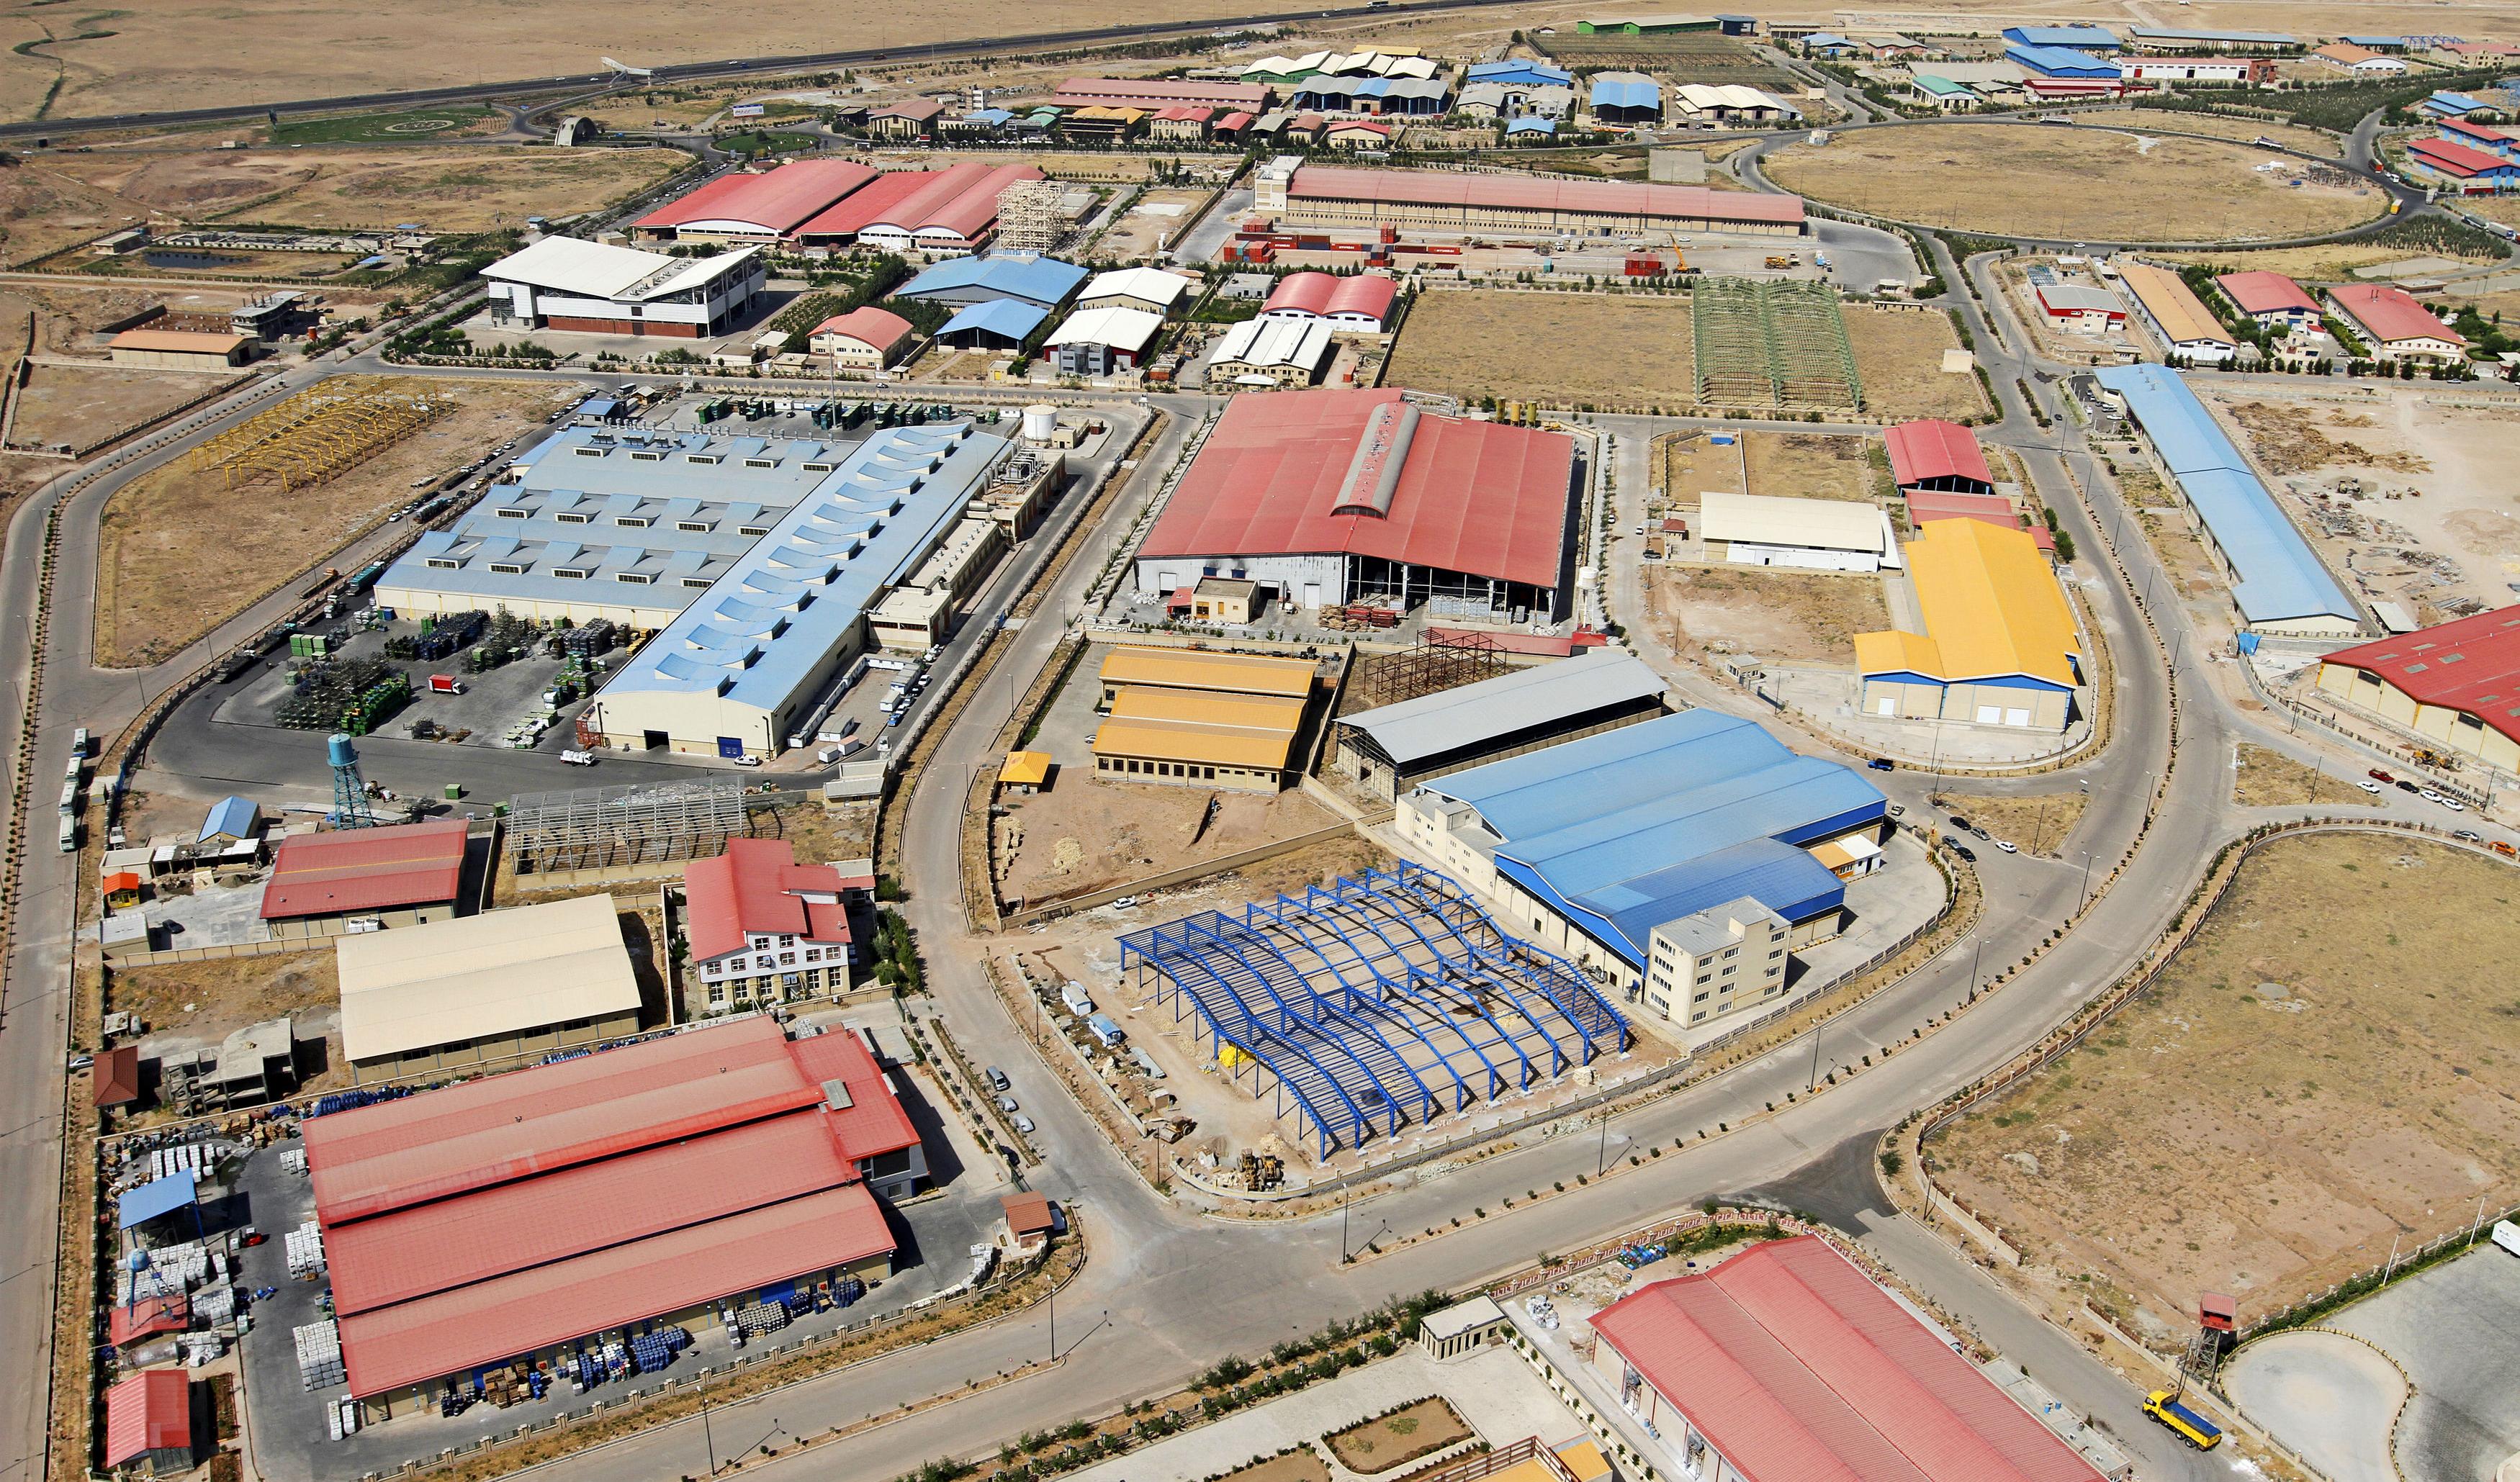 اختصاص سهمی از مالیات بر ارزش افزوده به شهرکها و نواحی صنعتی